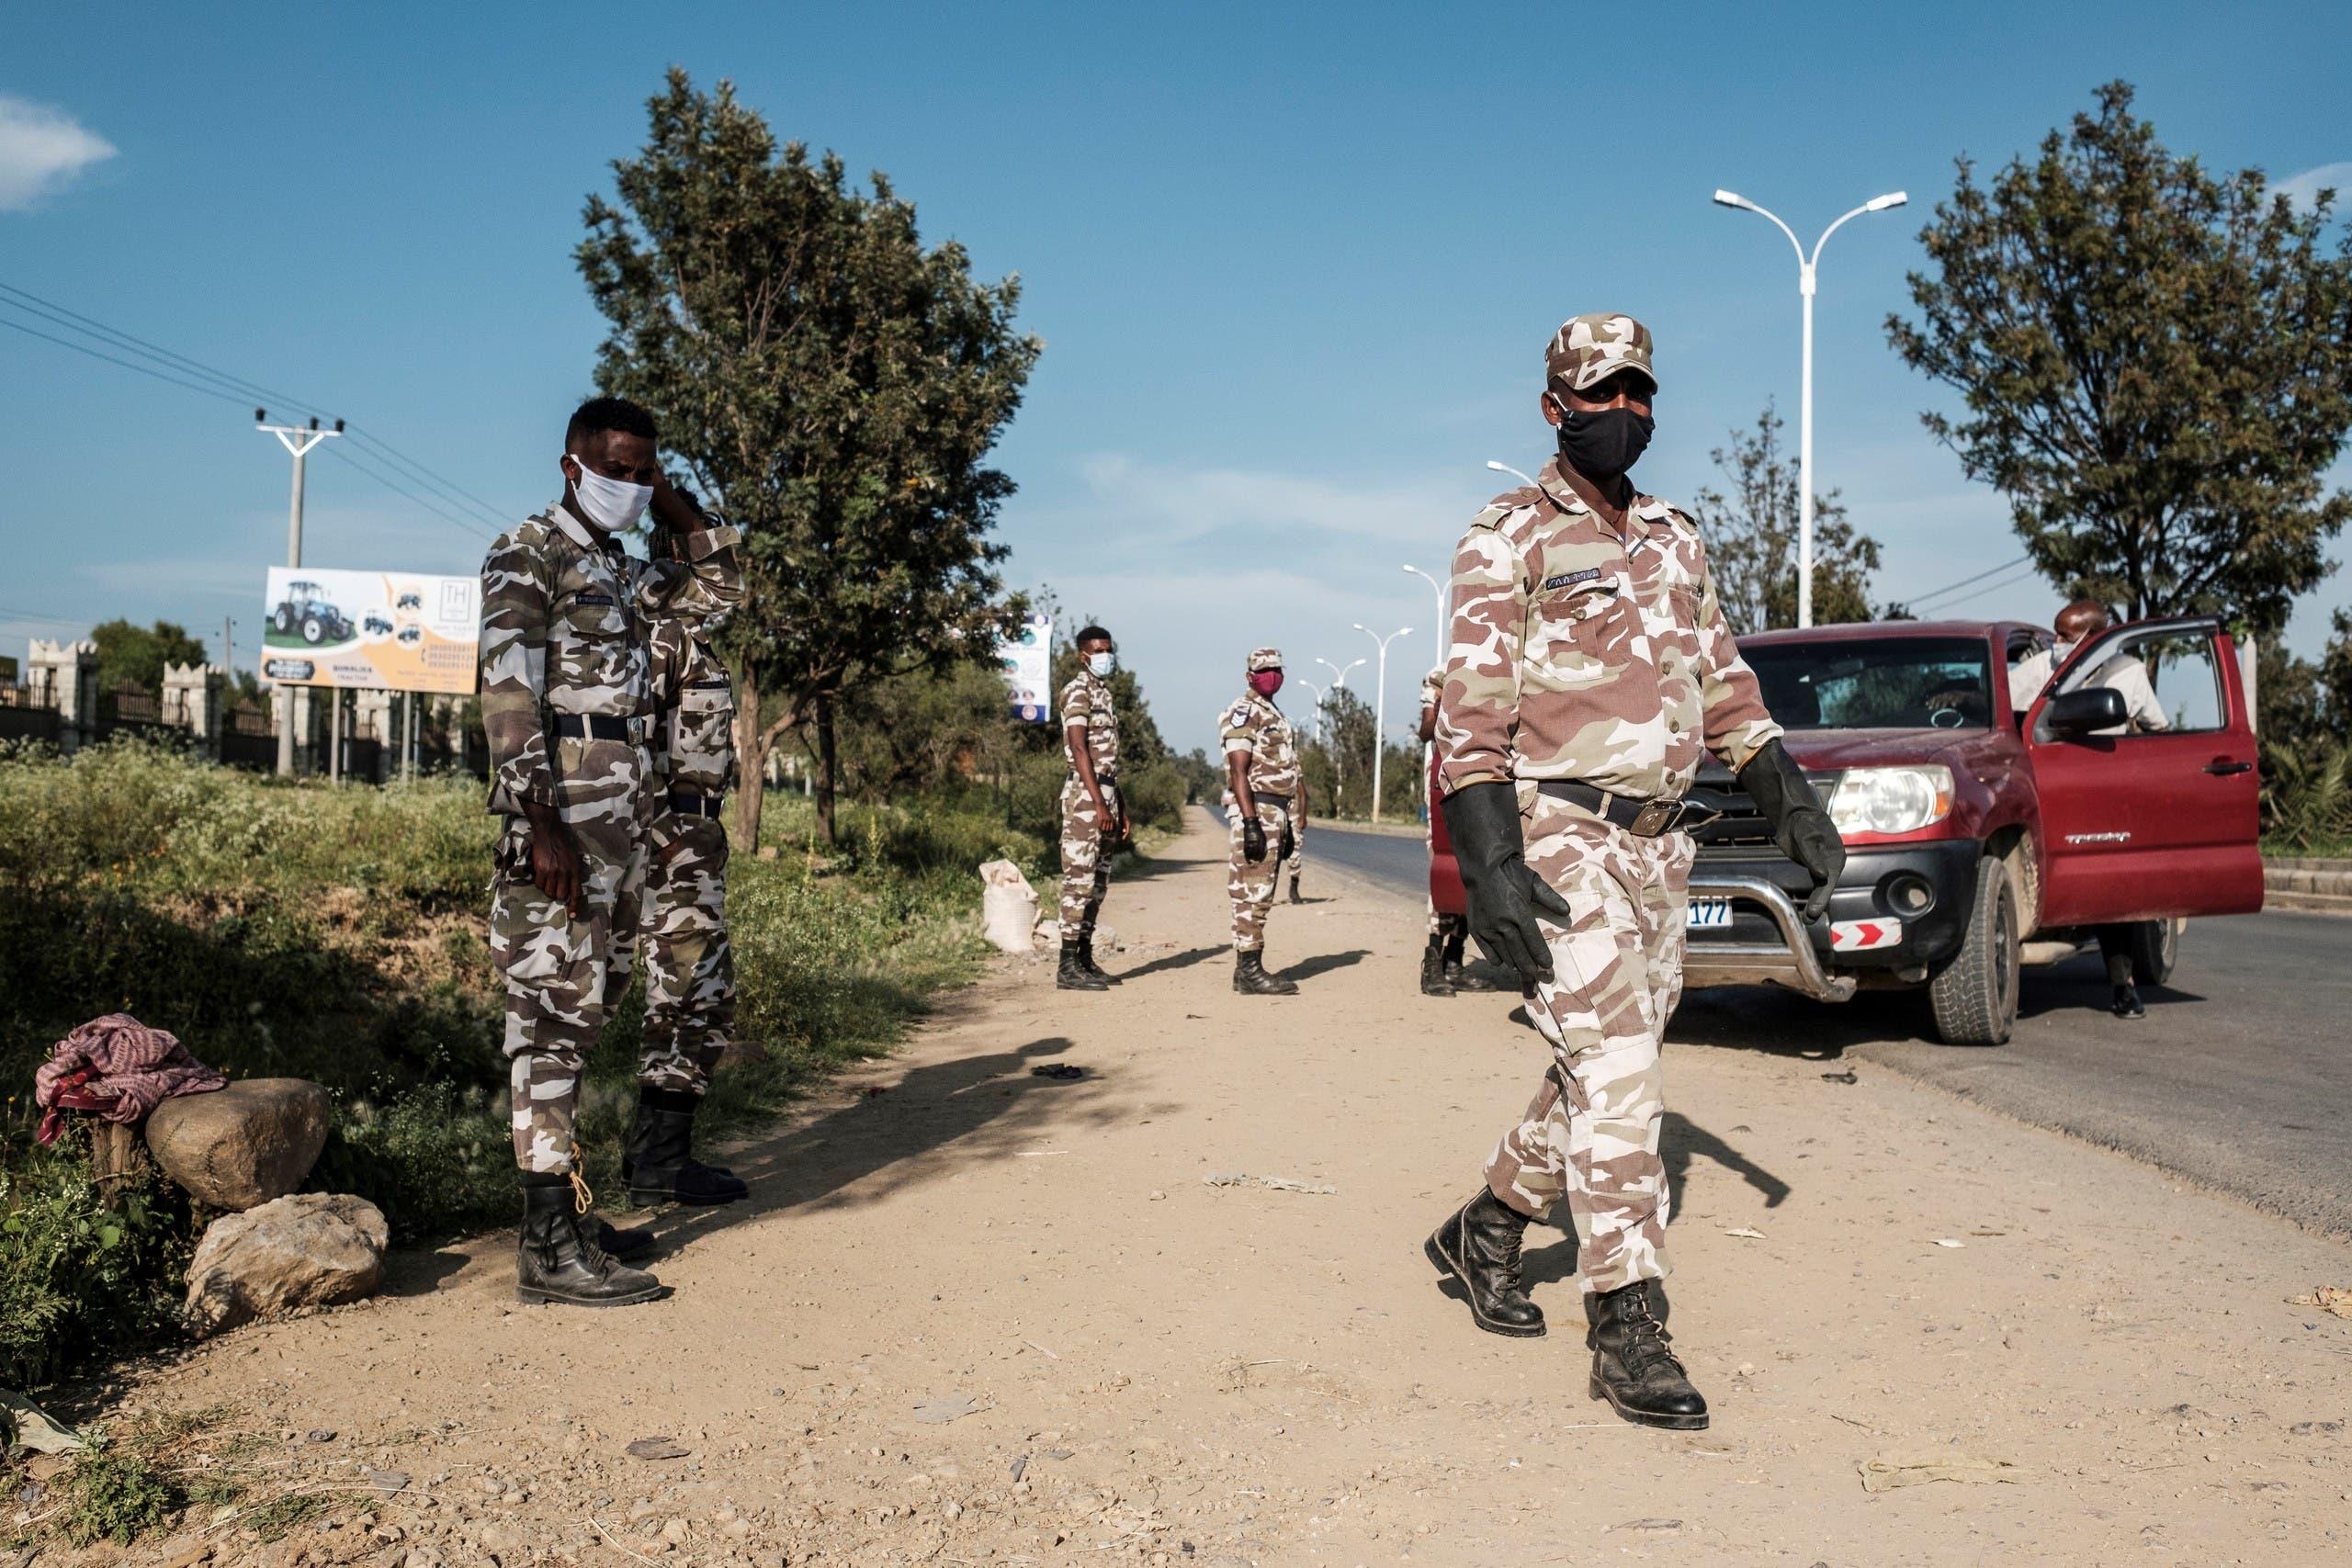 الشرطة التابعة لإقليم تيغراي خلال تأمينها انتخابات محلية اعترضت عليها أديس أبابا في سبتمبر الماضي